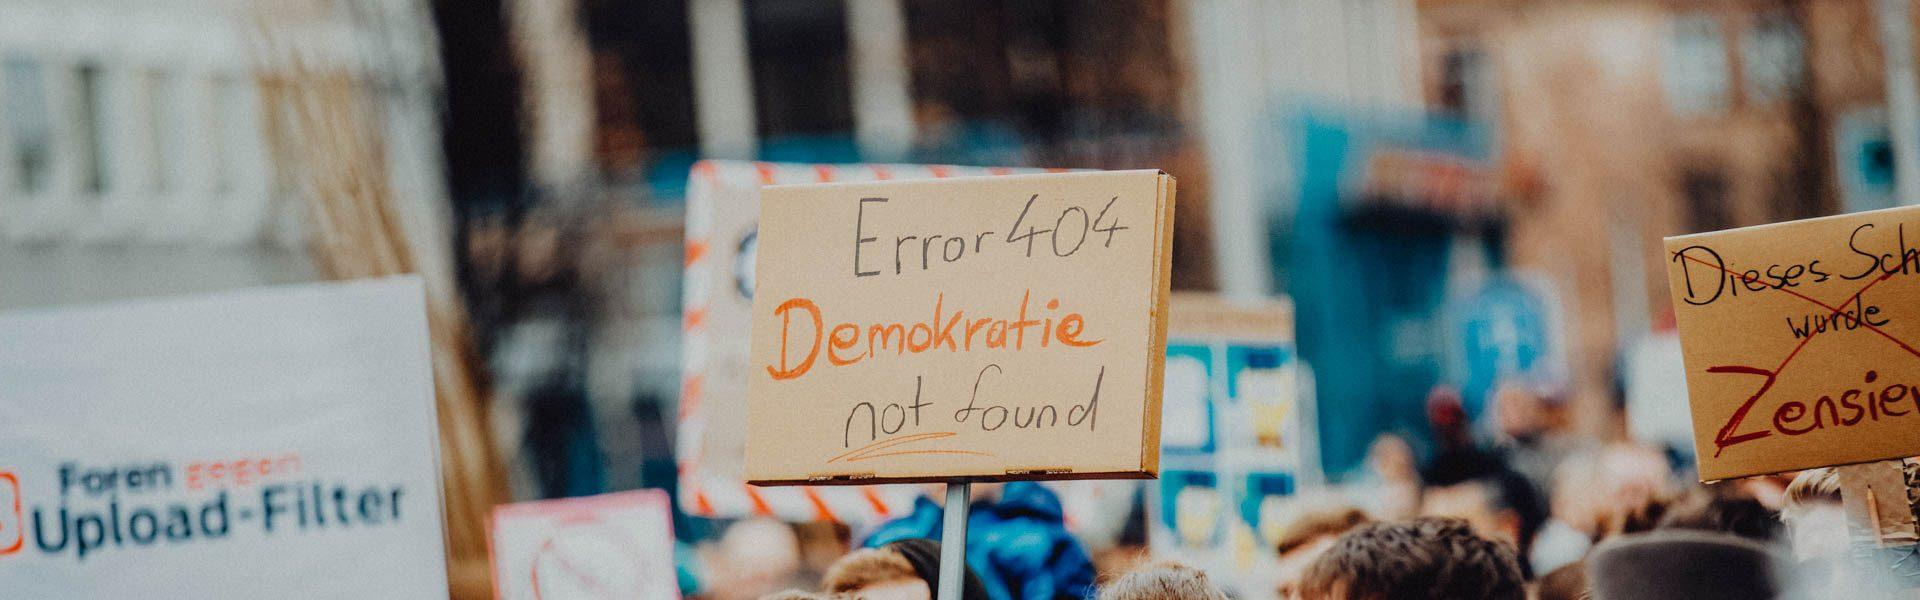 SichtWeisen: Sollte unsere Demokratie flüssig sein? | Photo by Markus Spiske on Unsplash